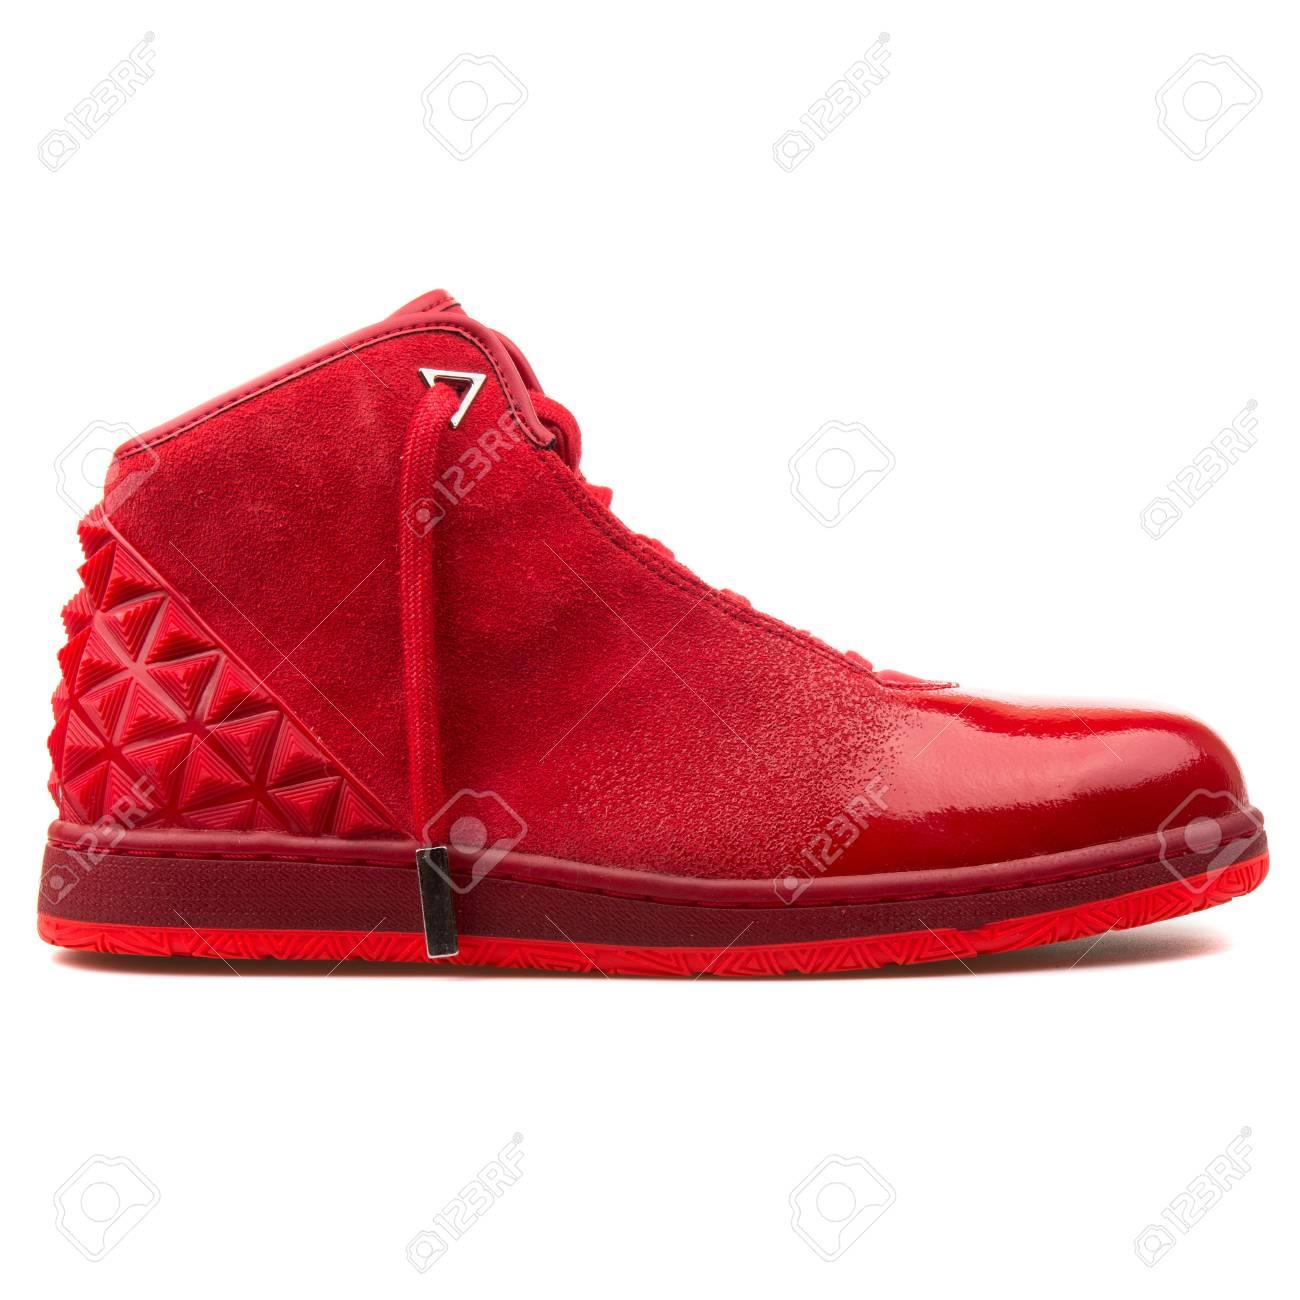 Nike Jordan Instigator Red Sneaker